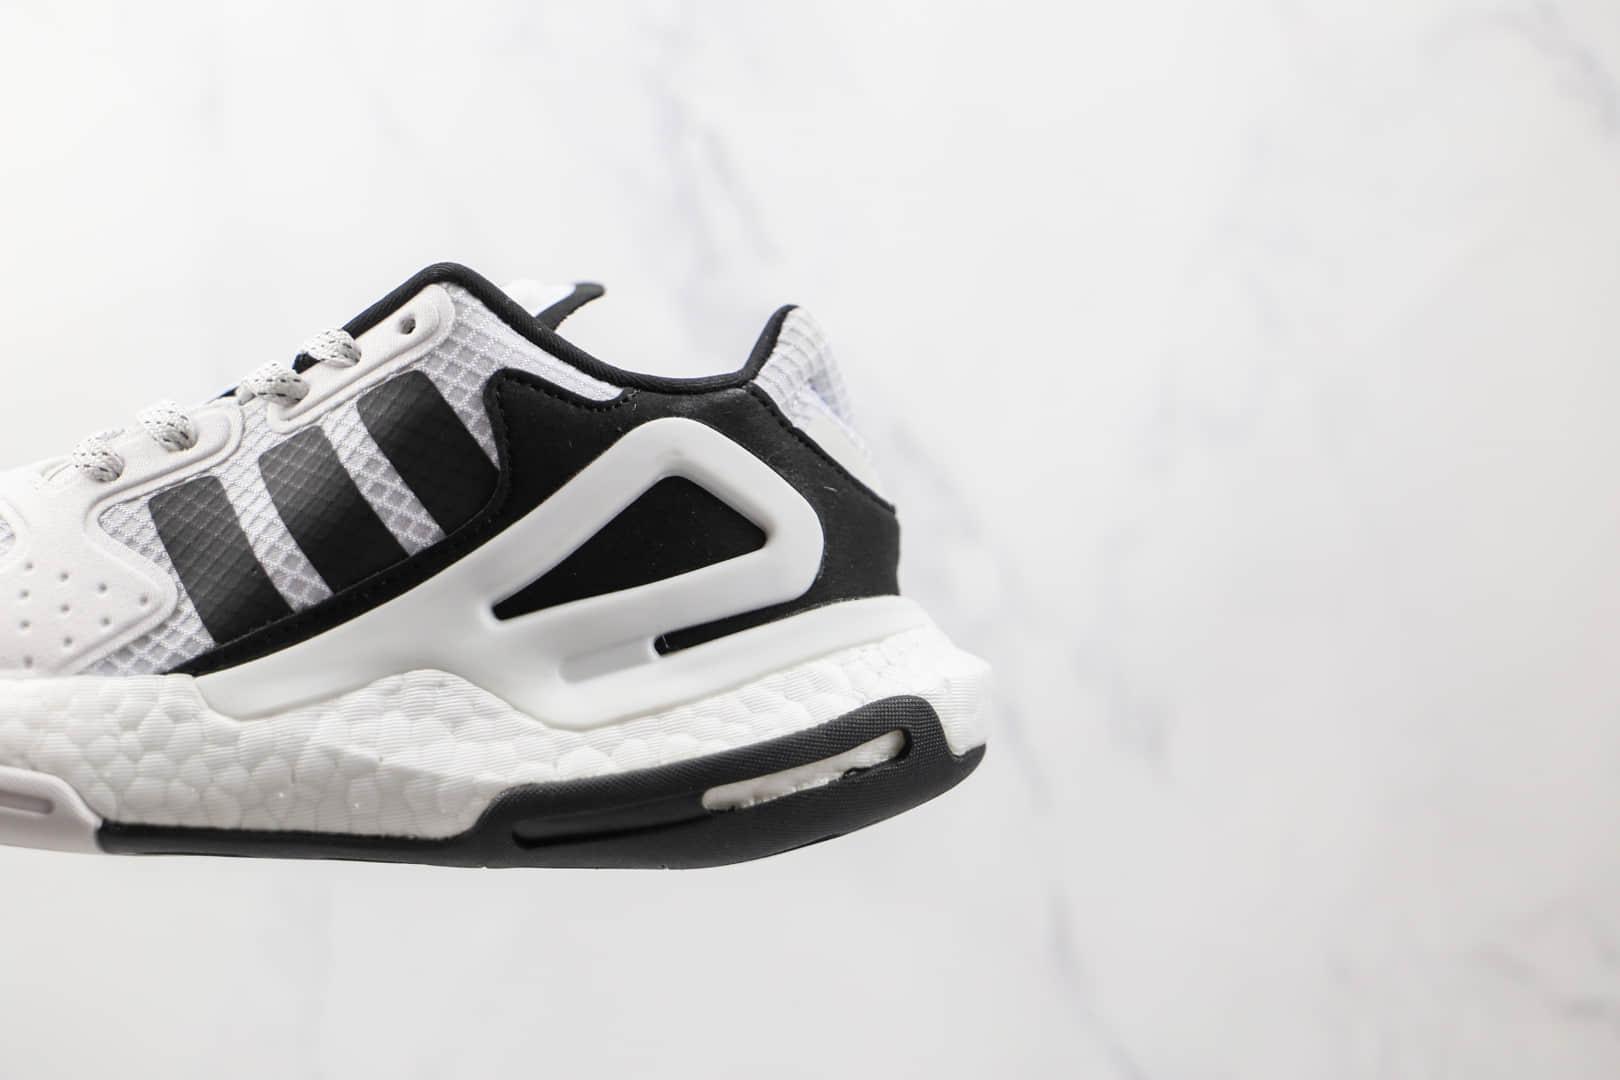 阿迪达斯Adidas Day Jogger 2021 Boost纯原版本夜行者二代网面白黑色爆米花跑鞋原盒原标 货号:FW5900